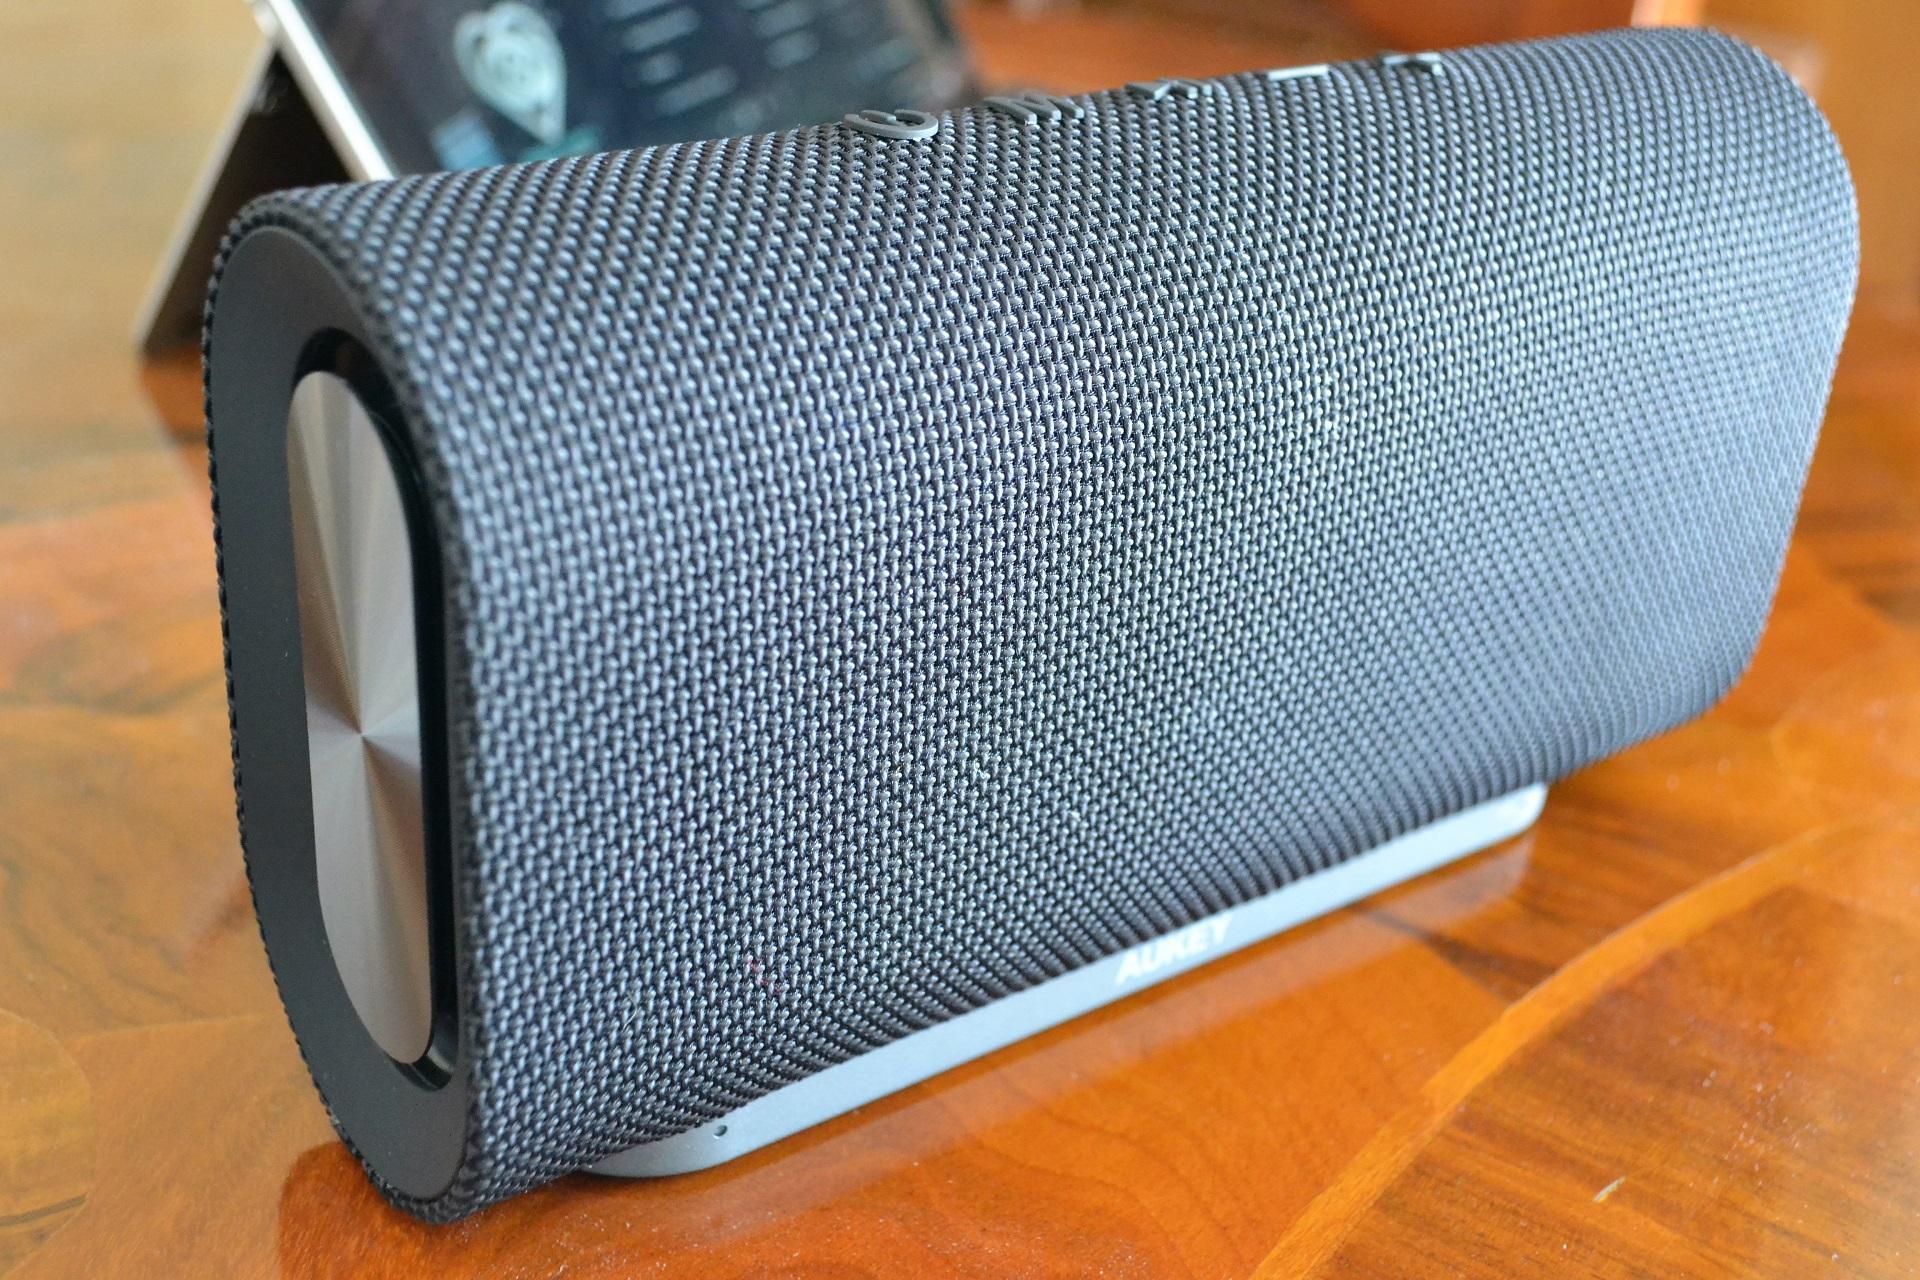 Aukey Eclipse speaker altoparlante cassa bluetooth design